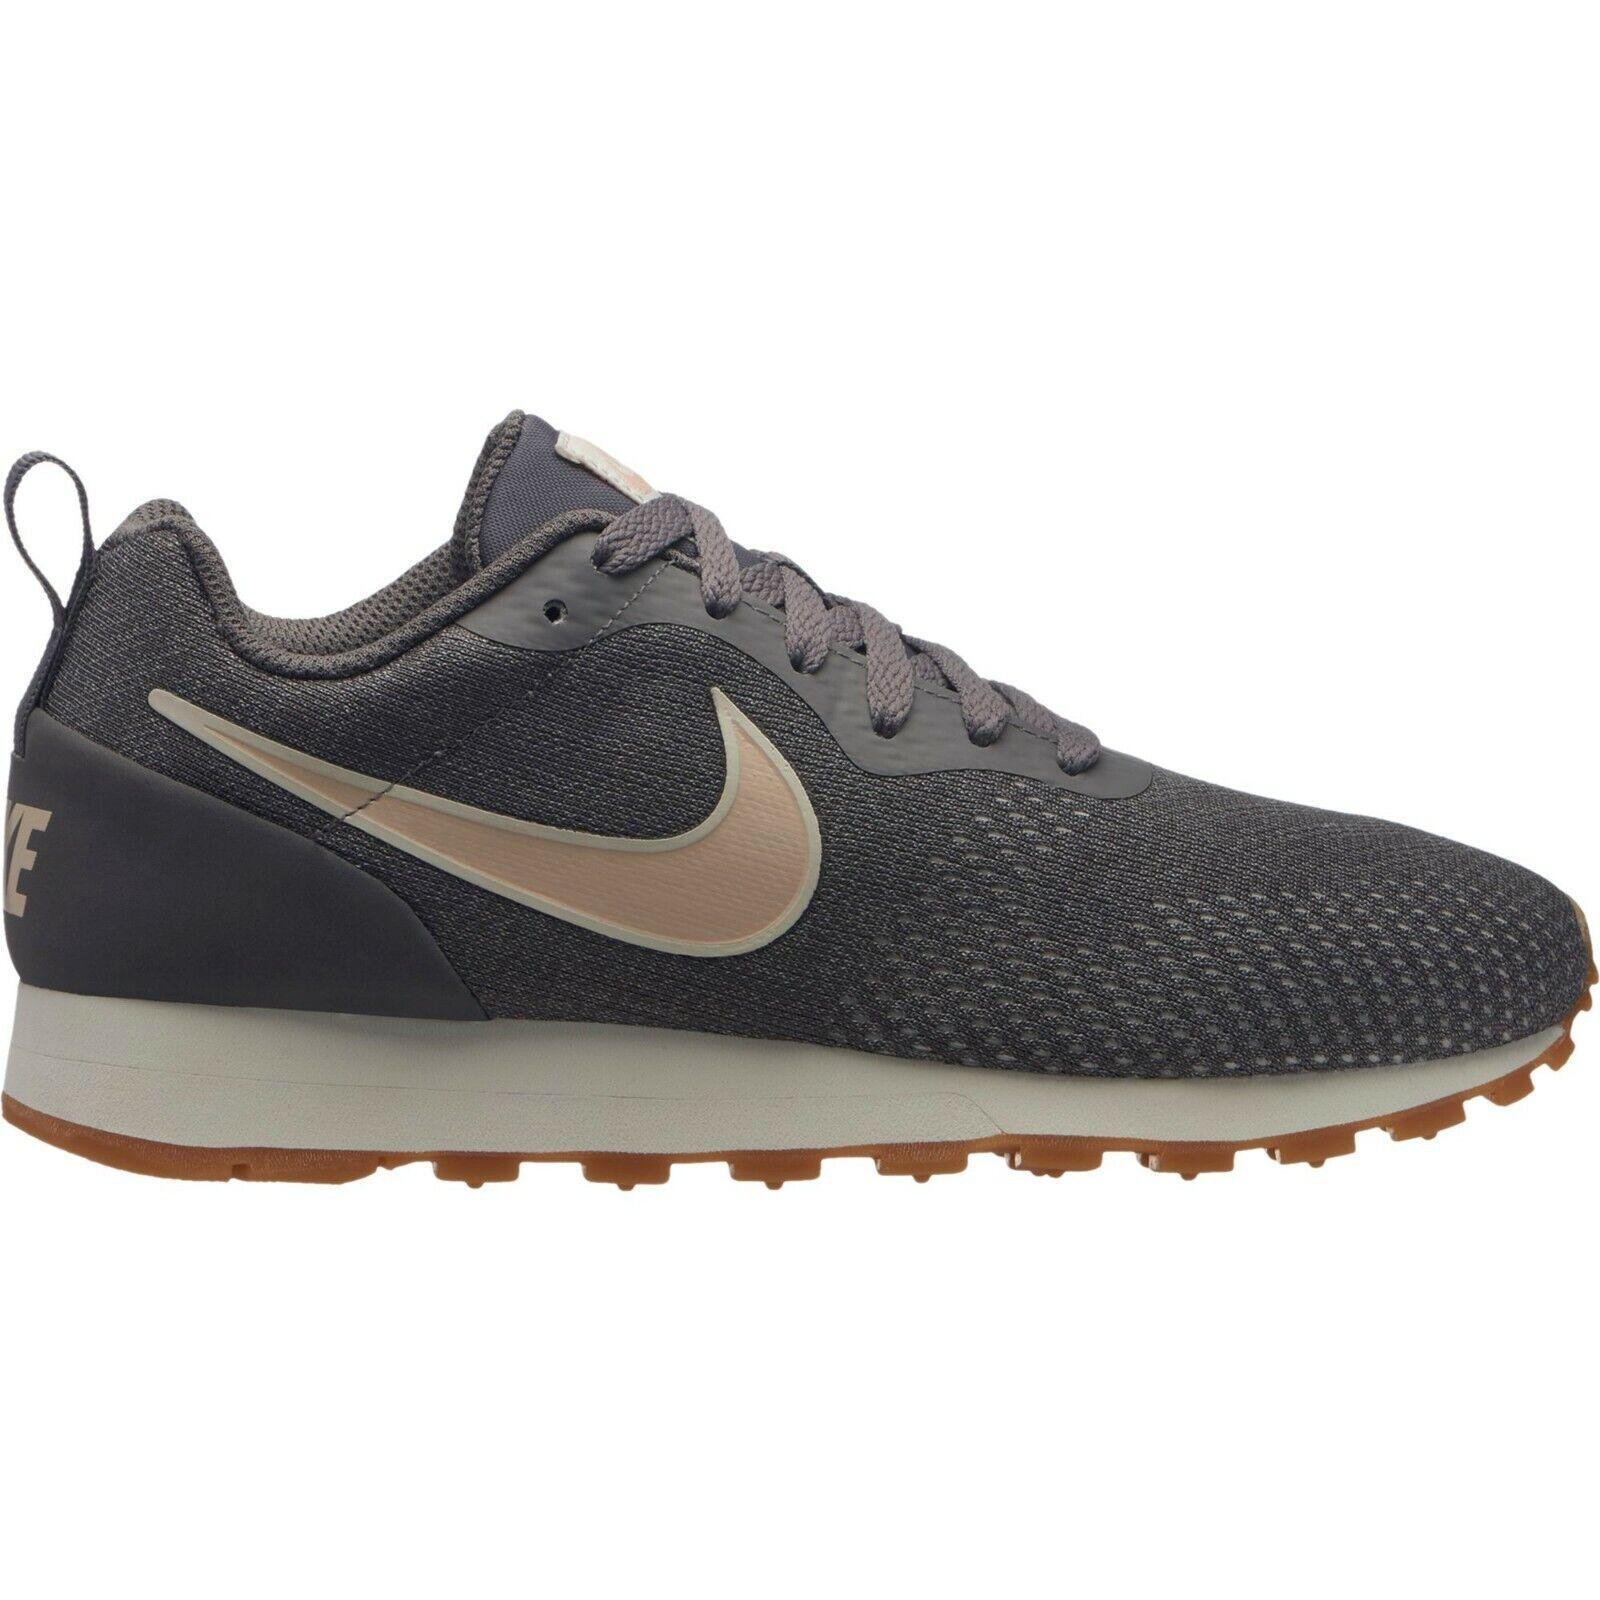 Nike Wmns Md Runner 2 Eng Mesh 916797 006